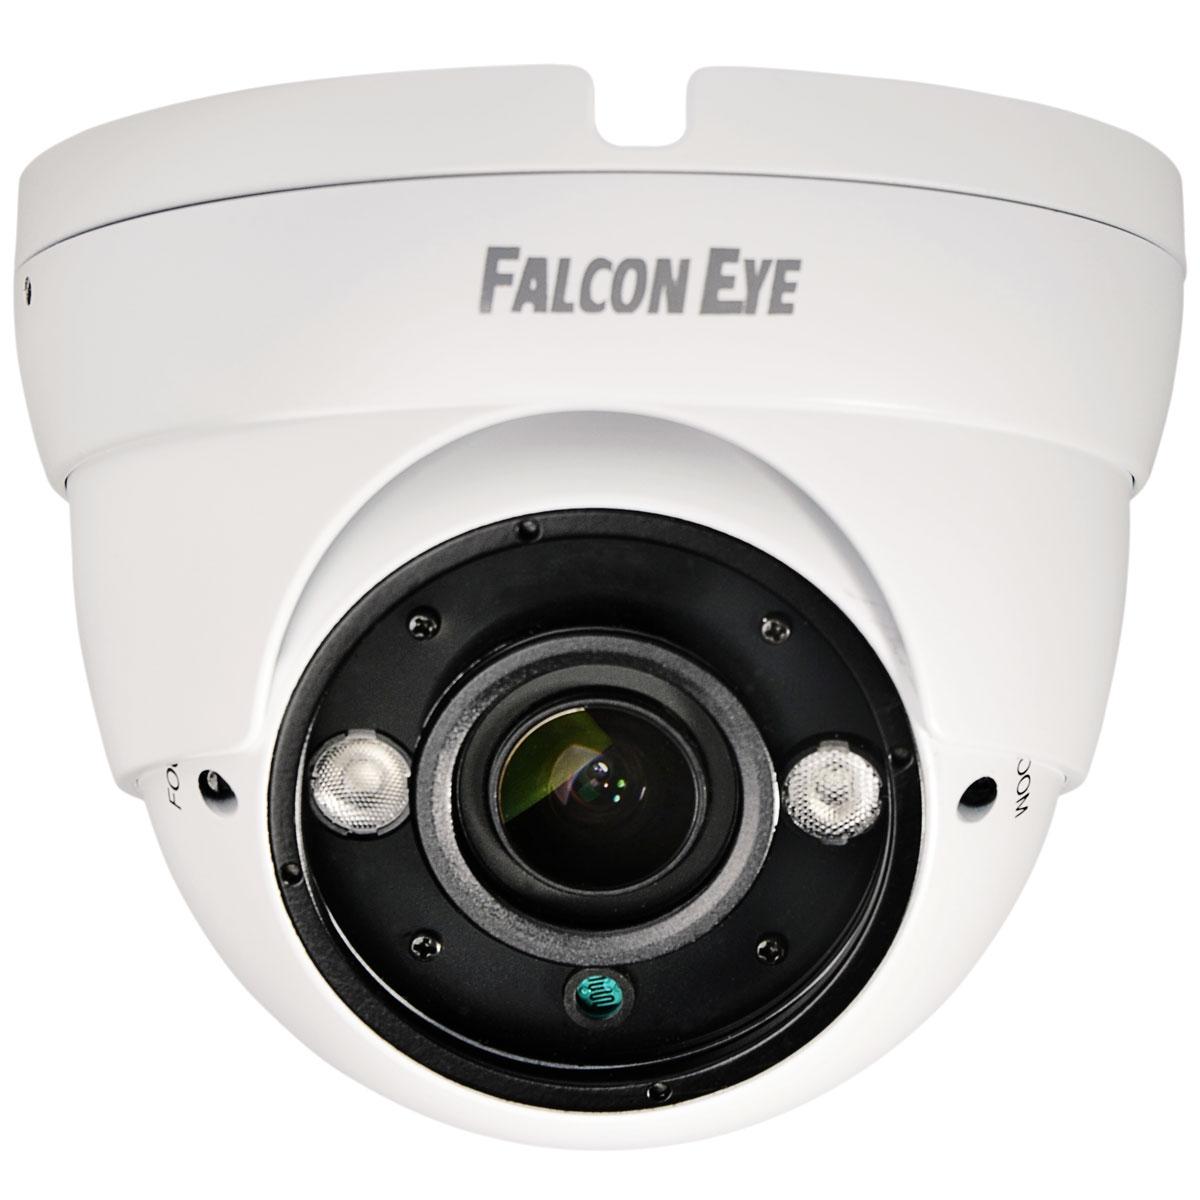 Falcon Eye FE-IDV1080MHD/35M-AF, White камера видеонаблюдения камера falcon eye fe id1080mhd 20m 2 8 уличная купольная гибриднаяahd видеокамера 1080p ahd cvi tvi cvbs 1 2 8 sony imx323 exmor cmos 1920 108